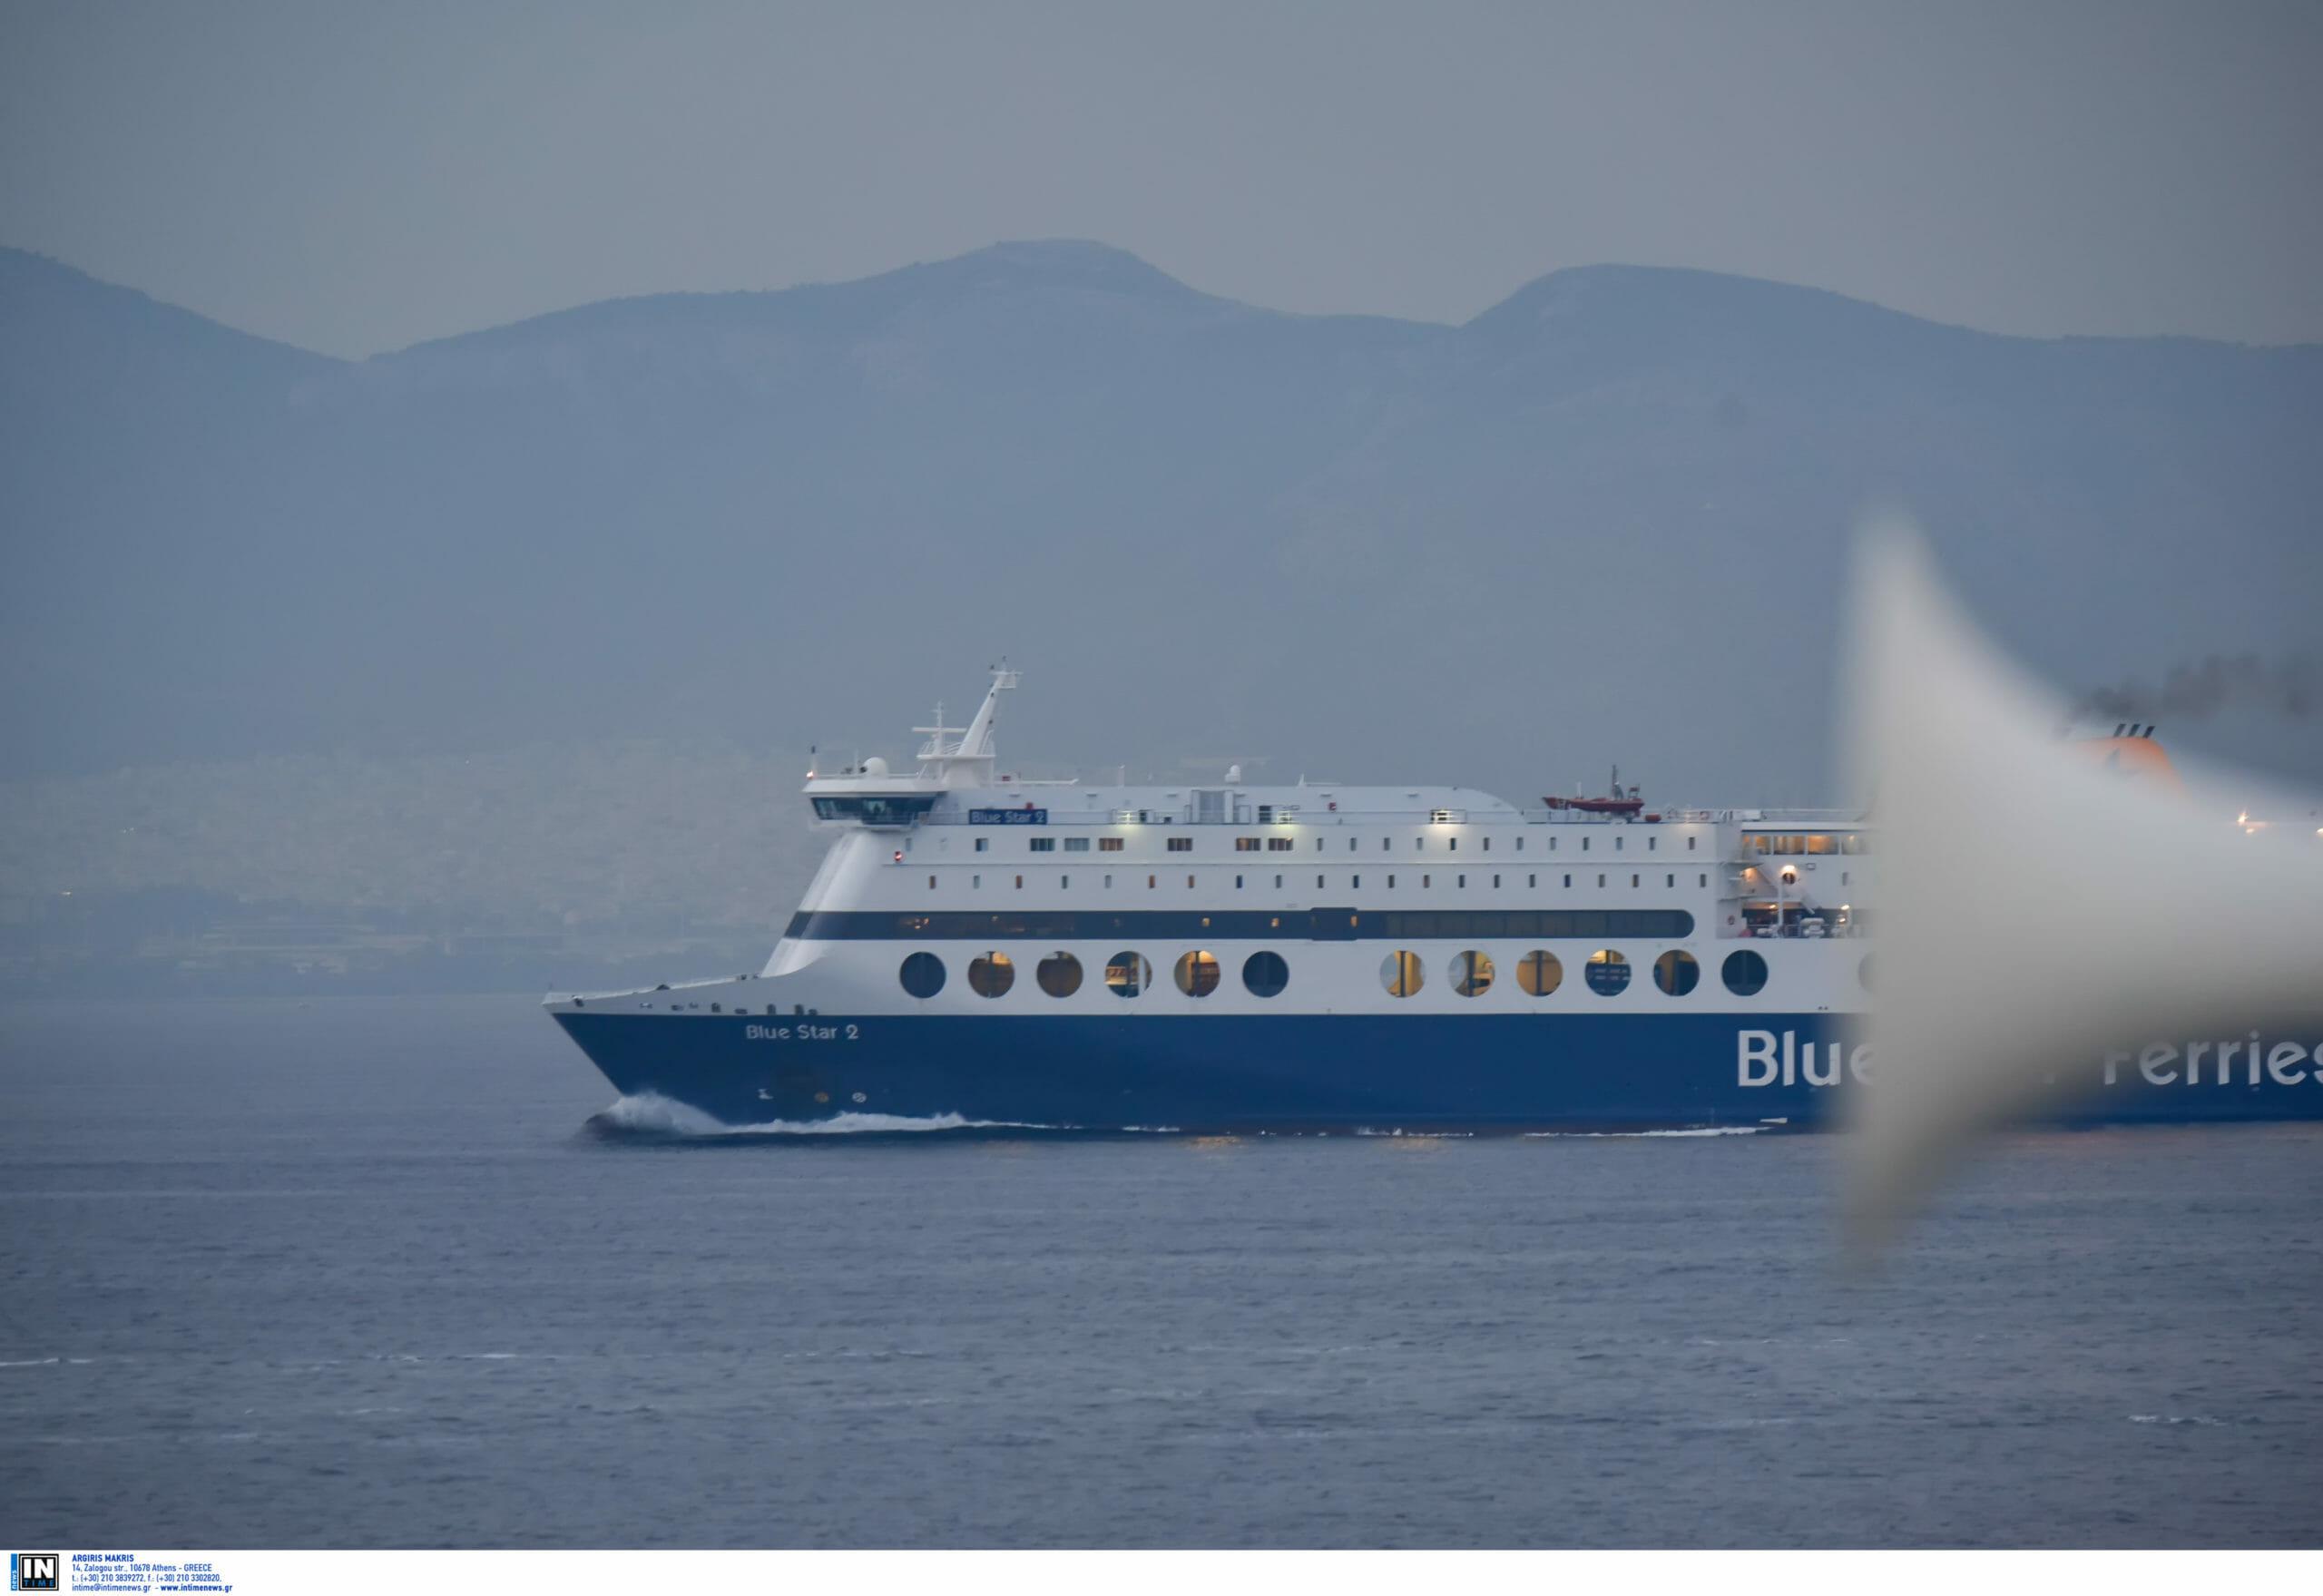 Blue Star 2: Συγκλονιστική μαρτυρία για τον επιβάτη του πλοίου που έπεσε στη θάλασσα του Σαρωνικού (Βίντεο)